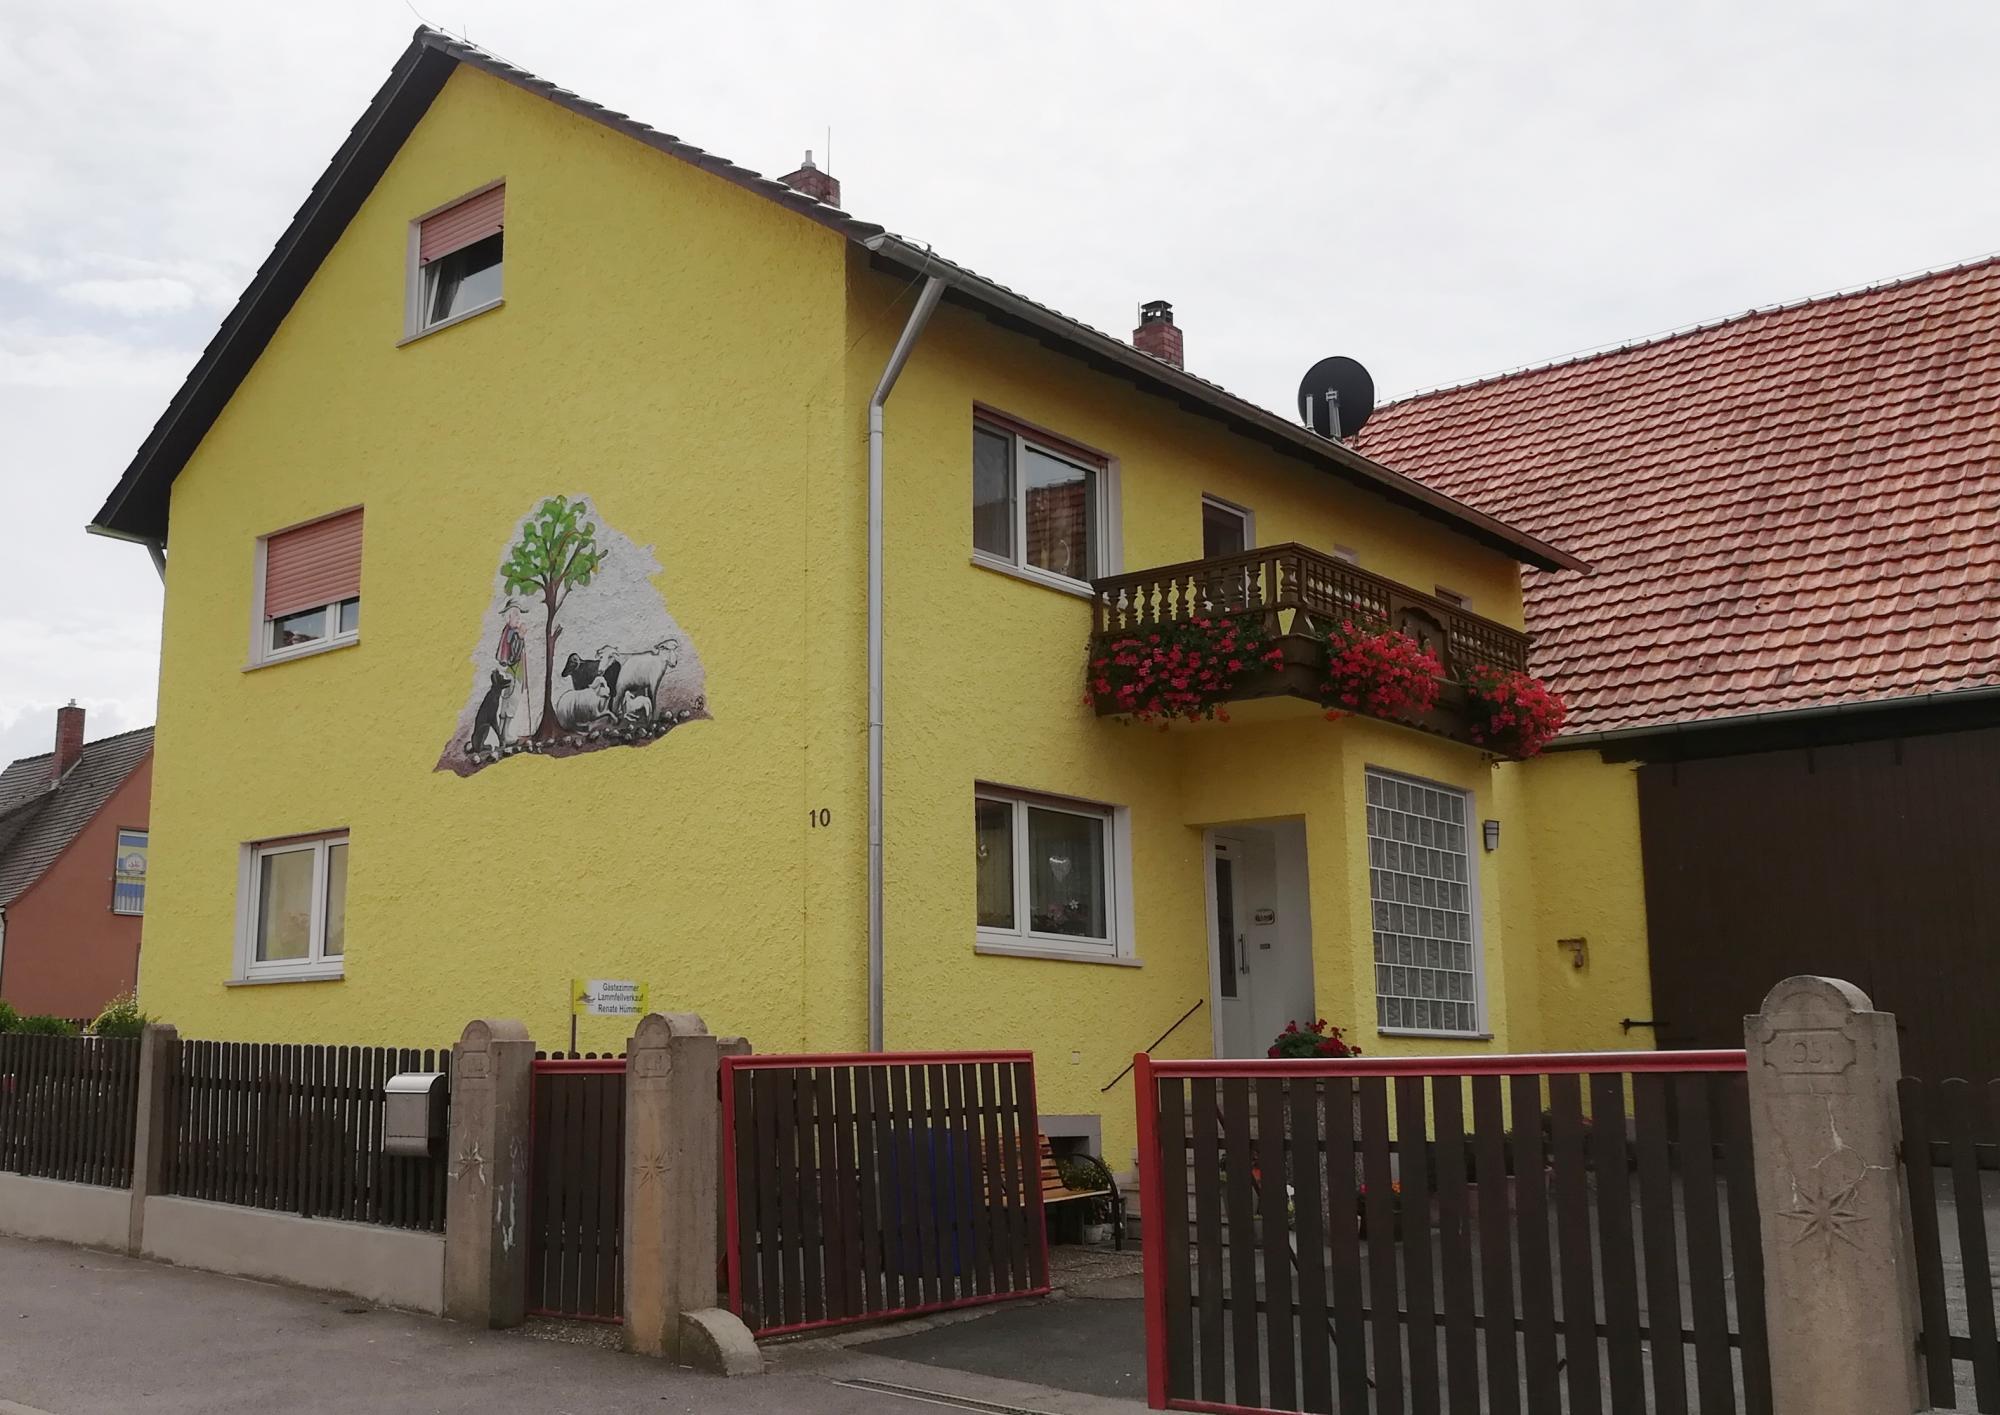 Hümmer - Zeilitzheim.jpg